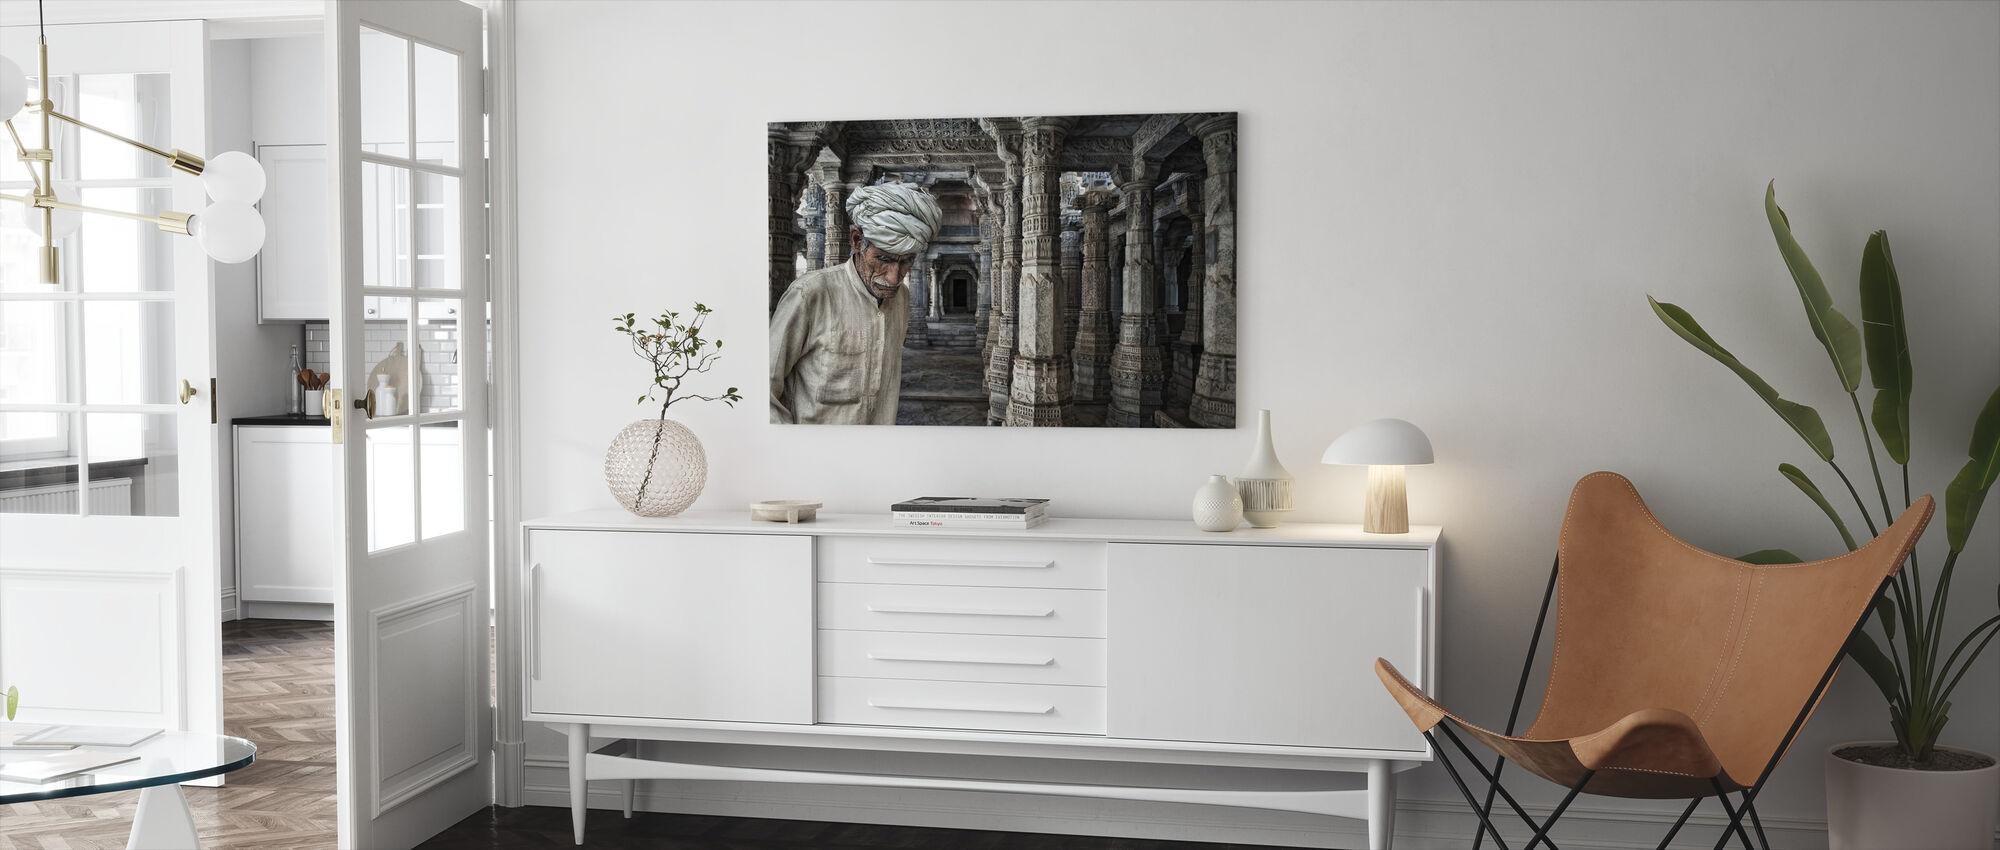 Een plek voor meditatie - Canvas print - Woonkamer